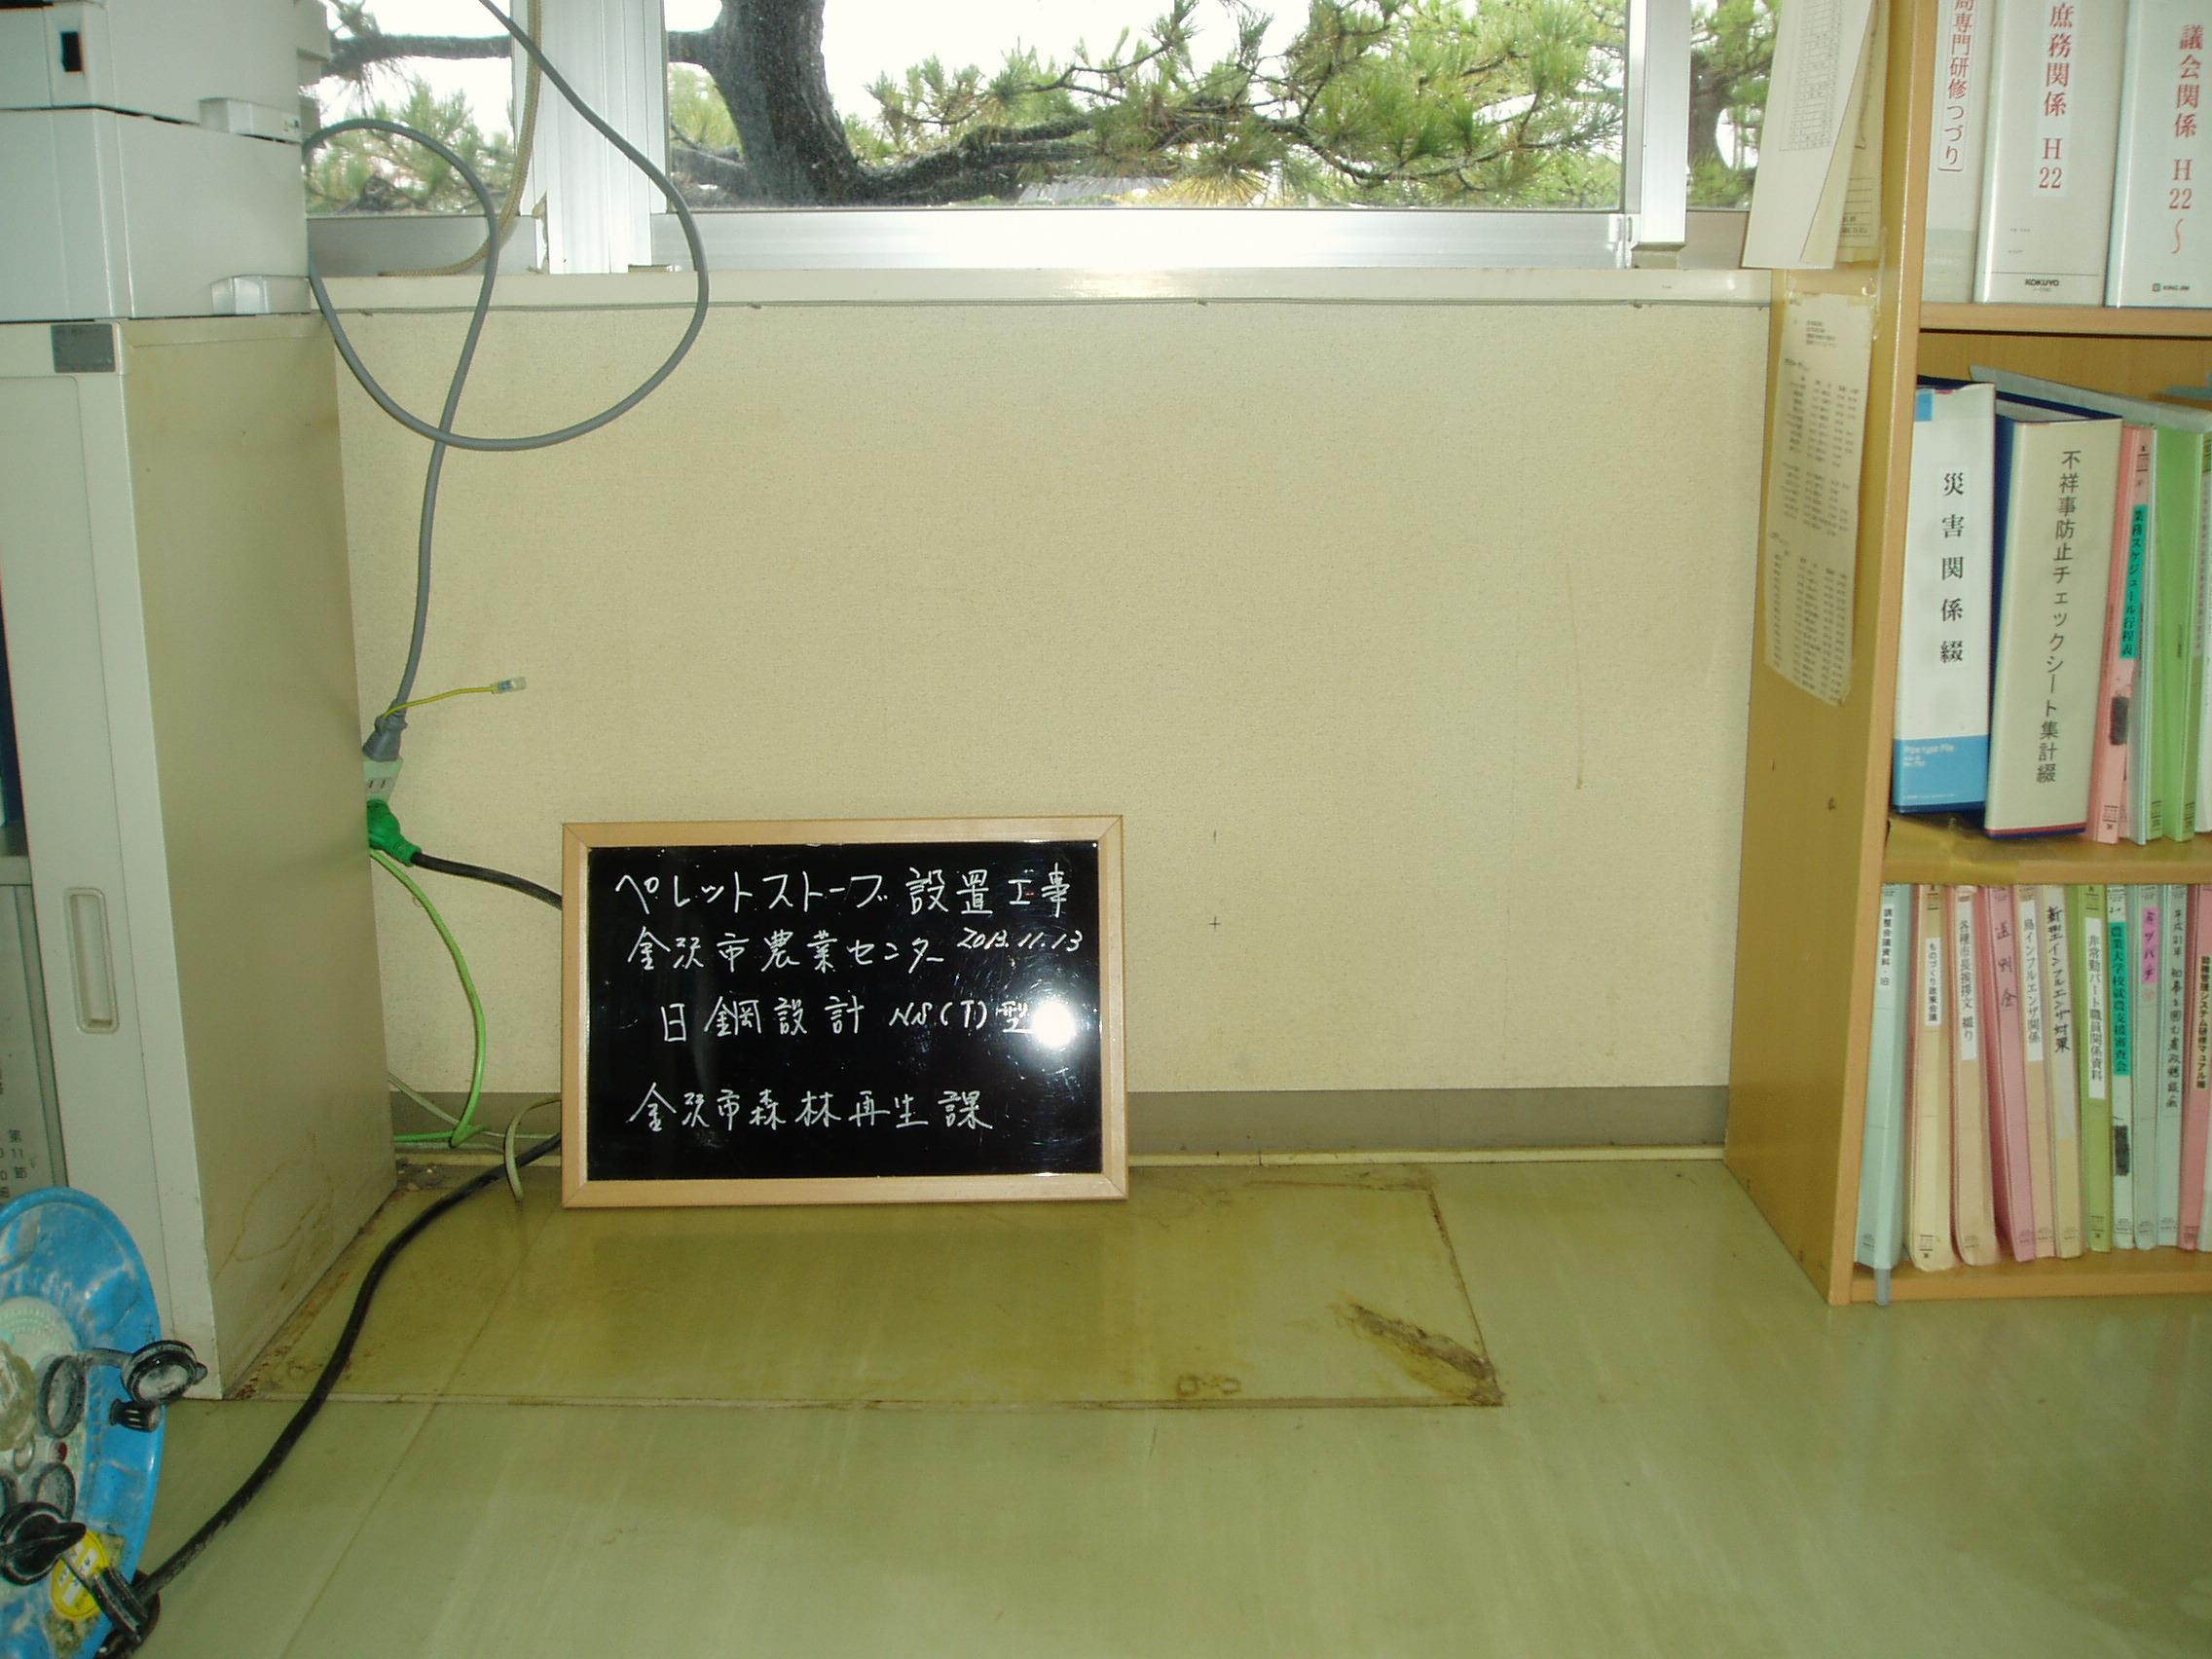 農業センターにペレットストーブを設置しました。2